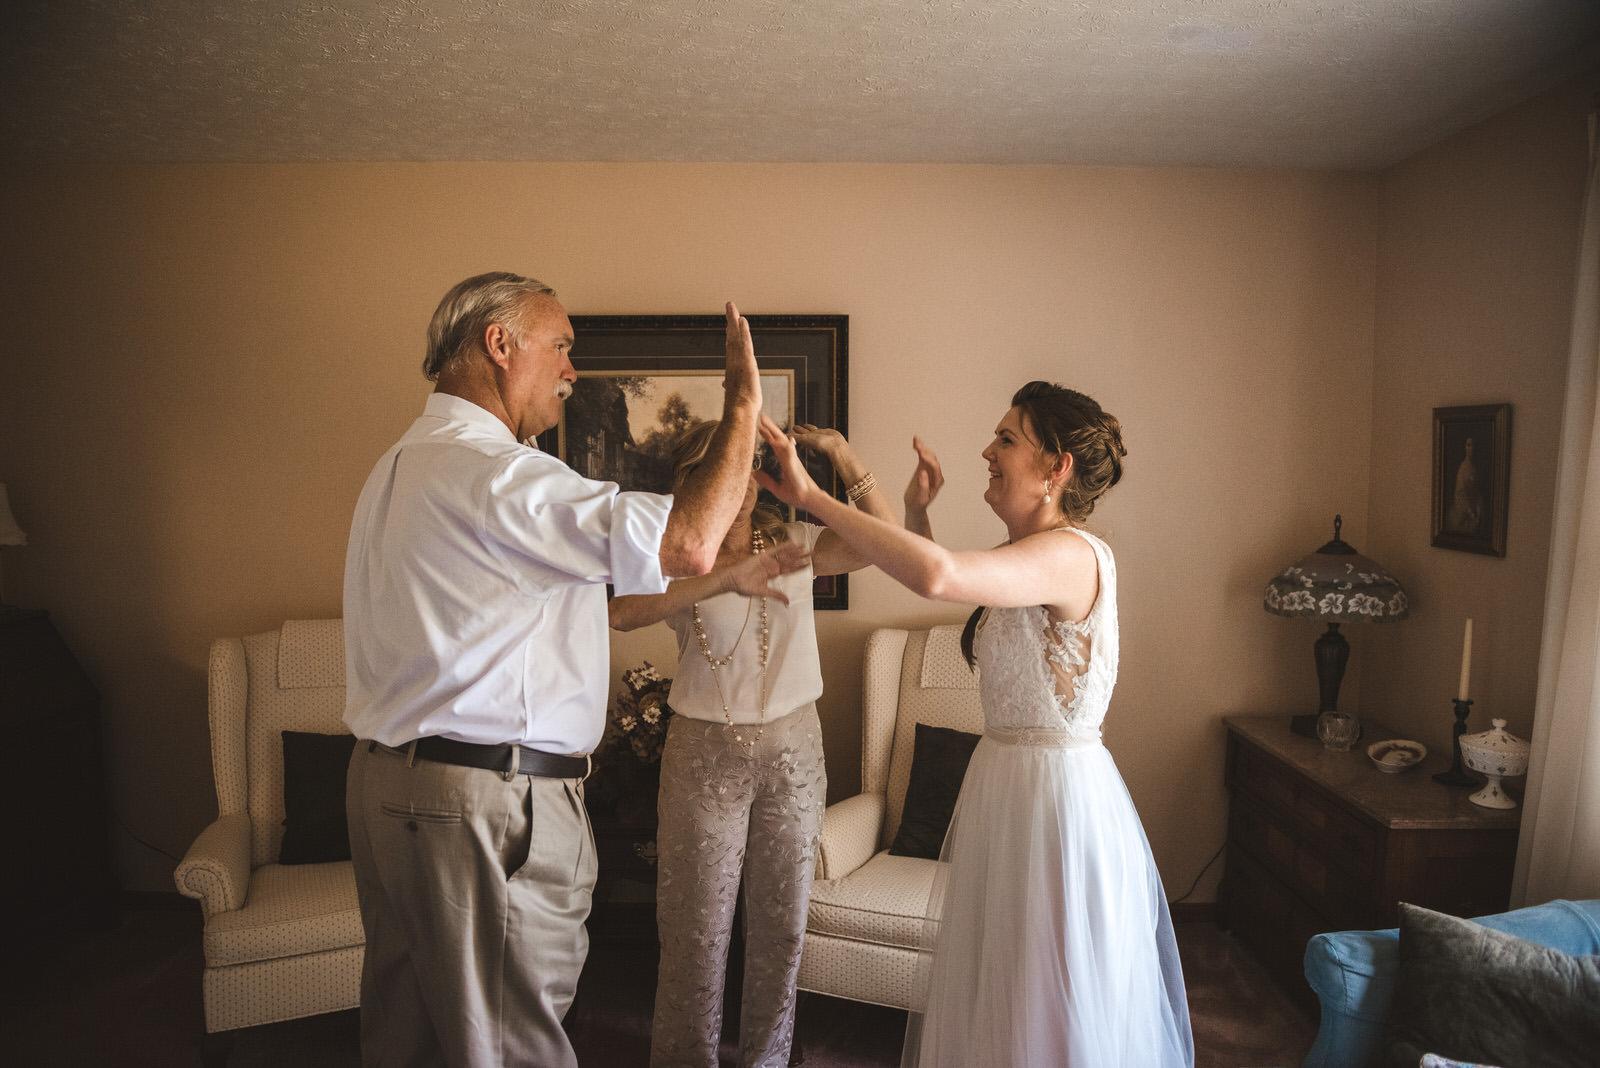 family preparing for wedding